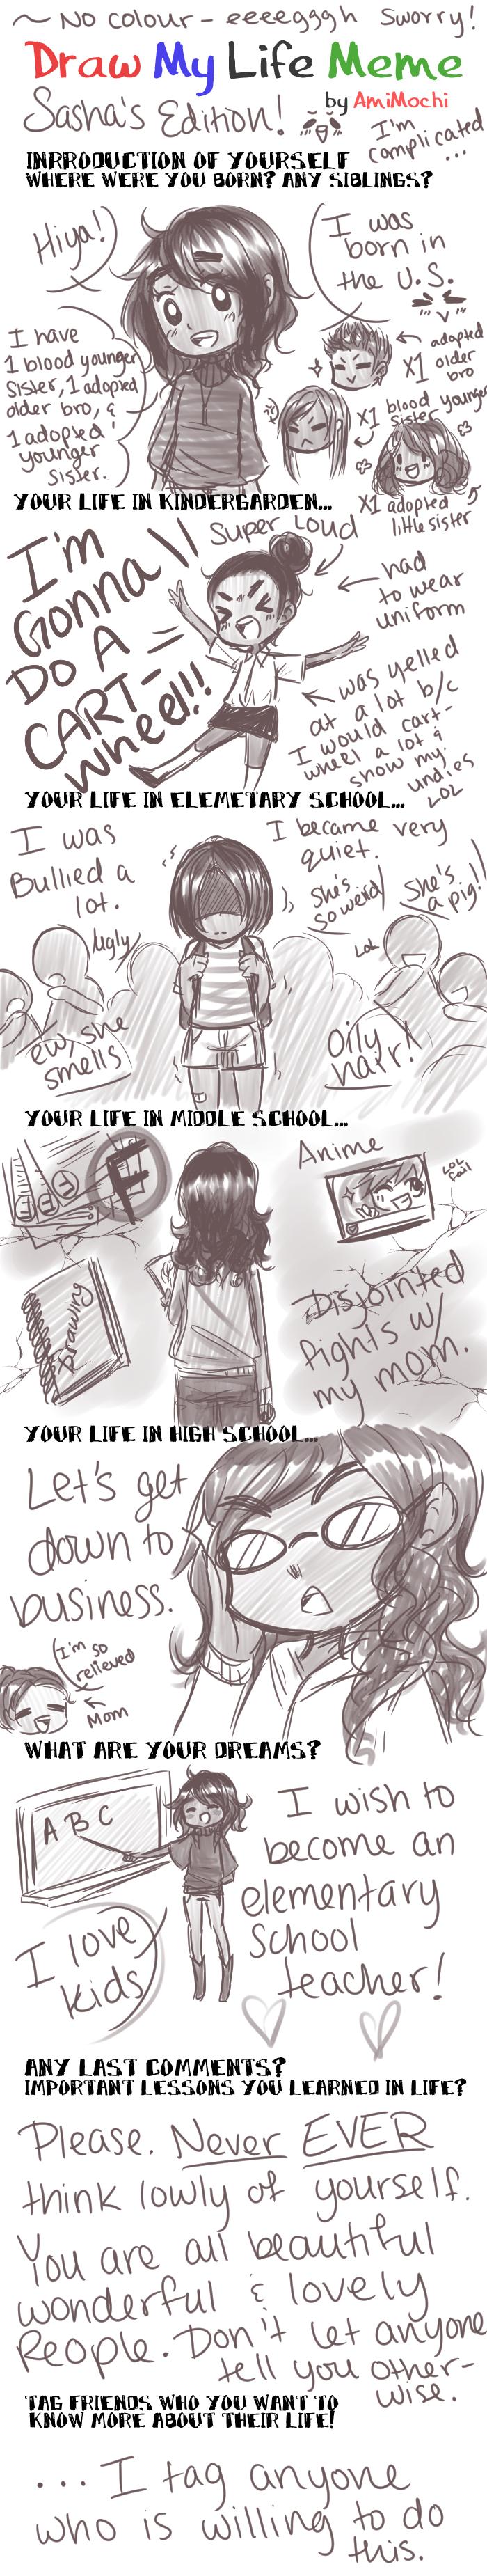 Draw My Life - SashaMinty Edition by jouori